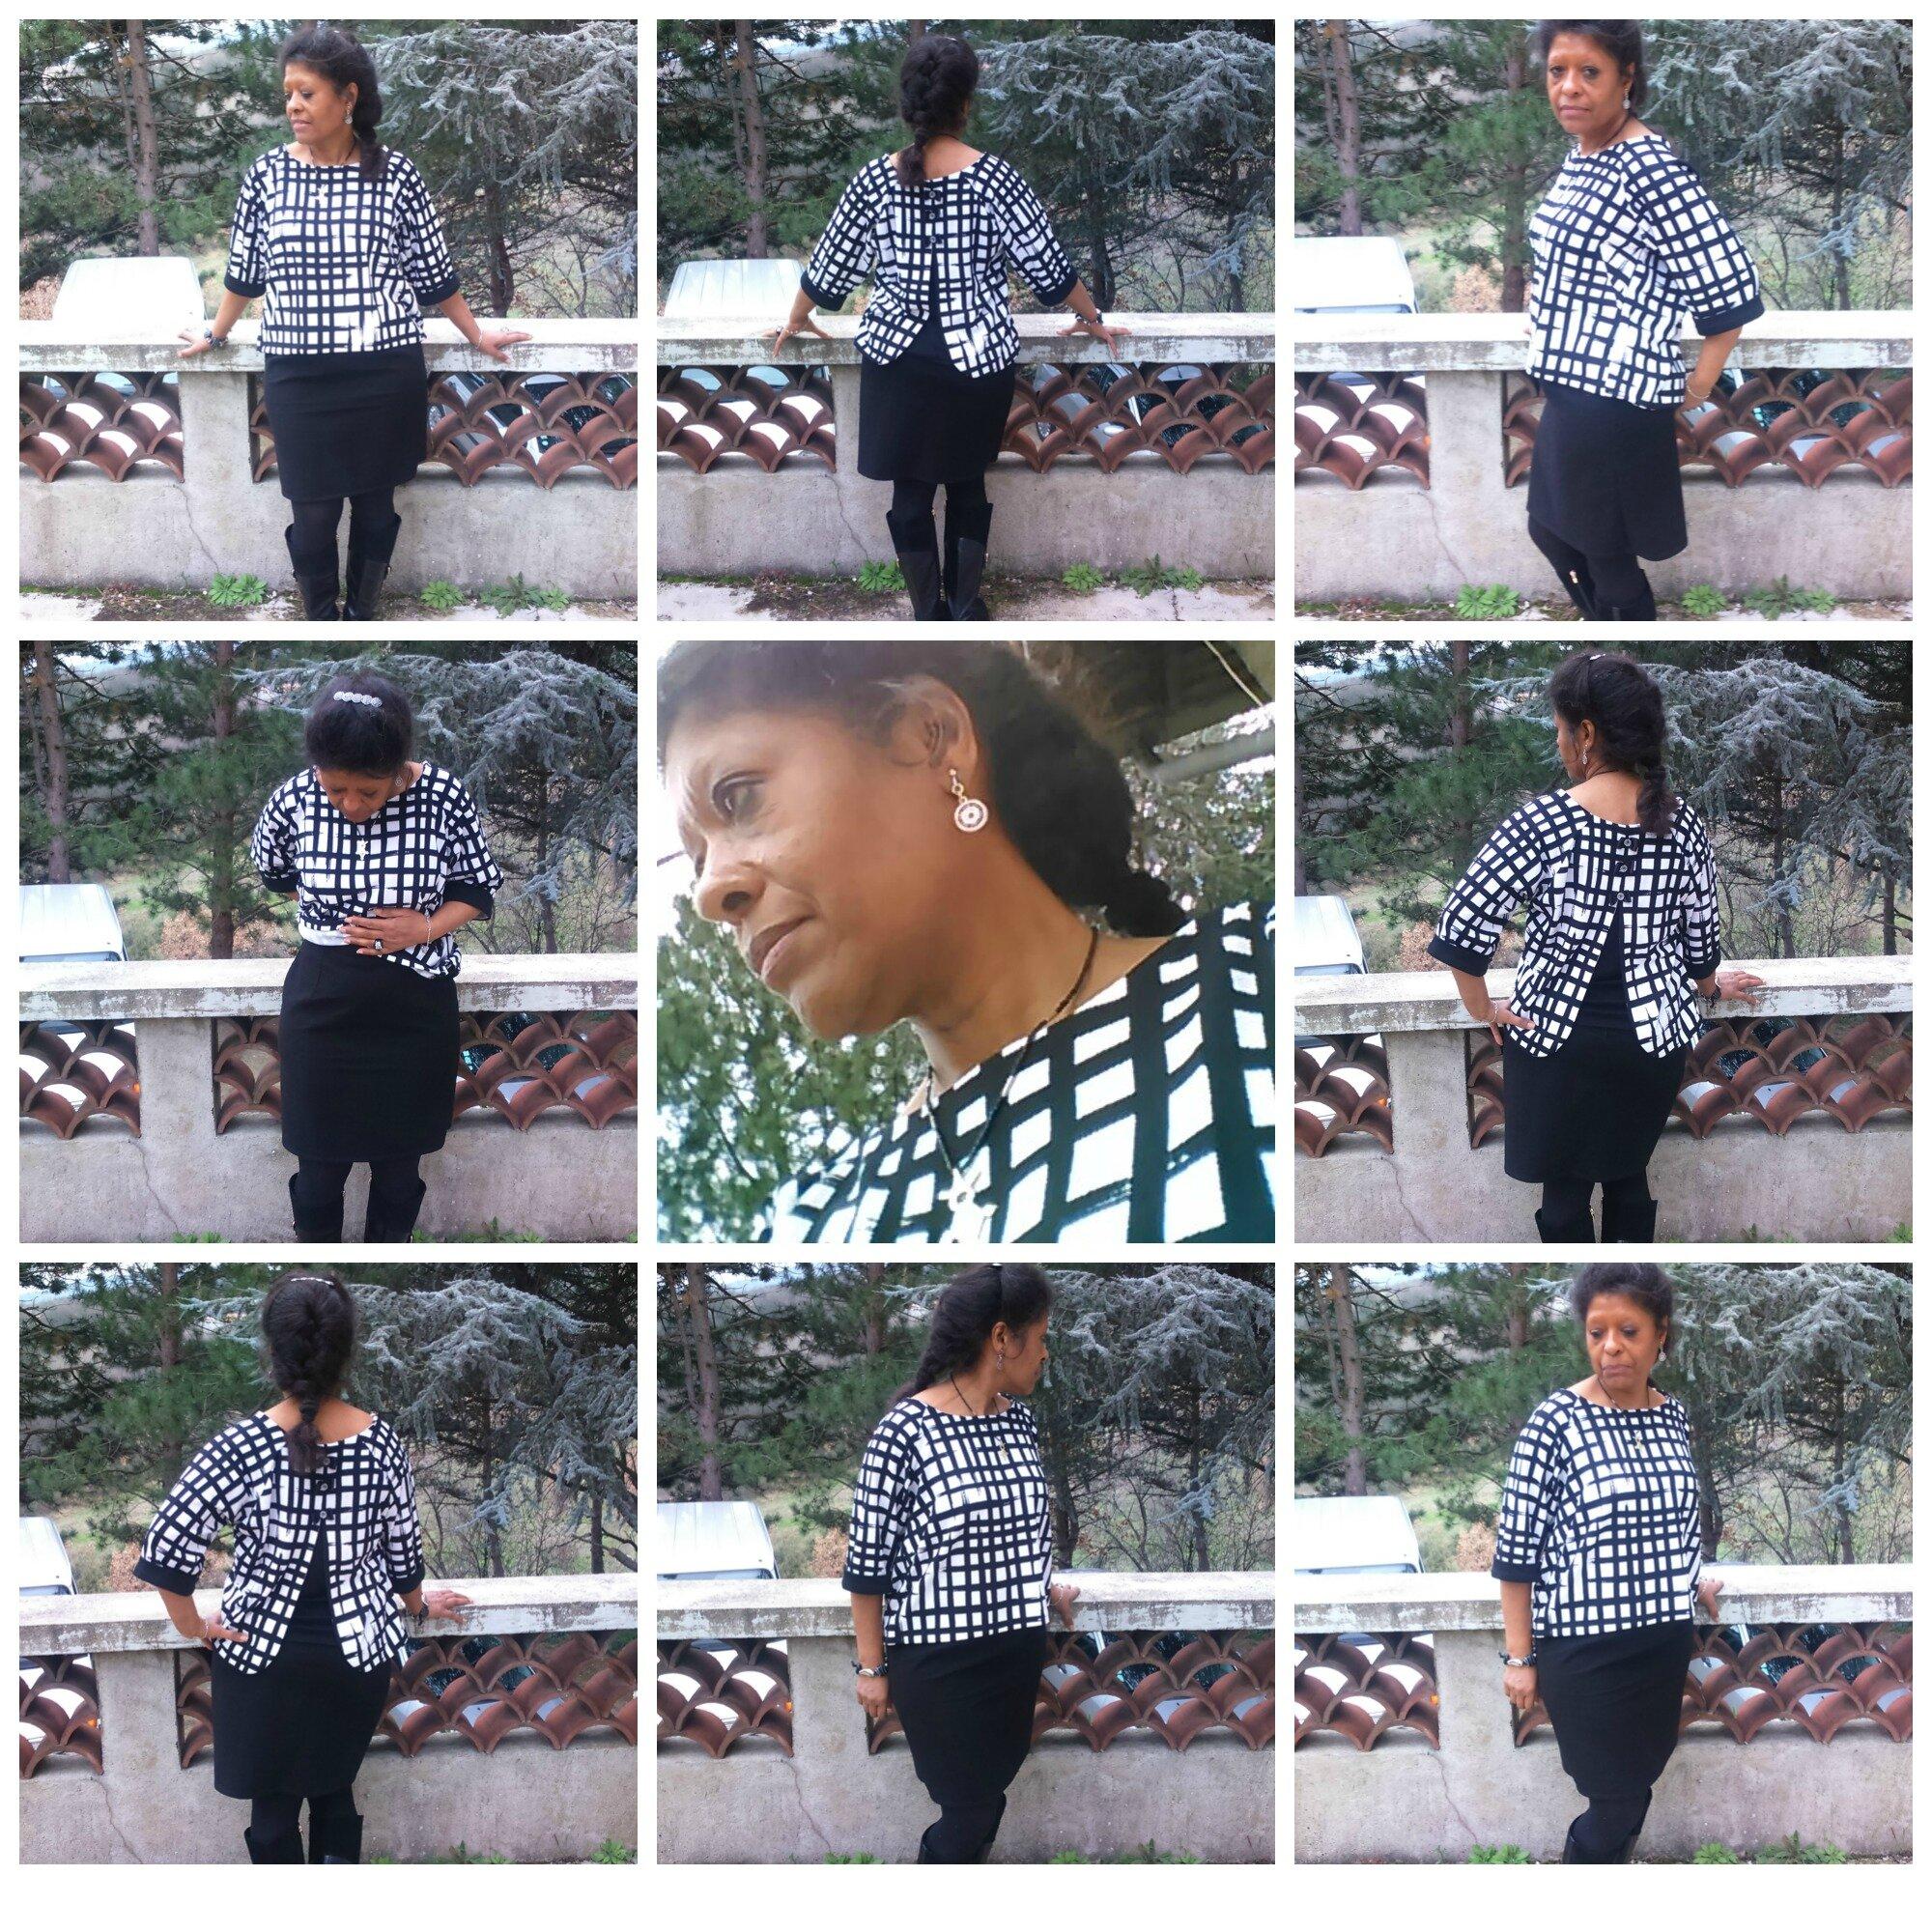 Nouveau top sixtis et jupe noire